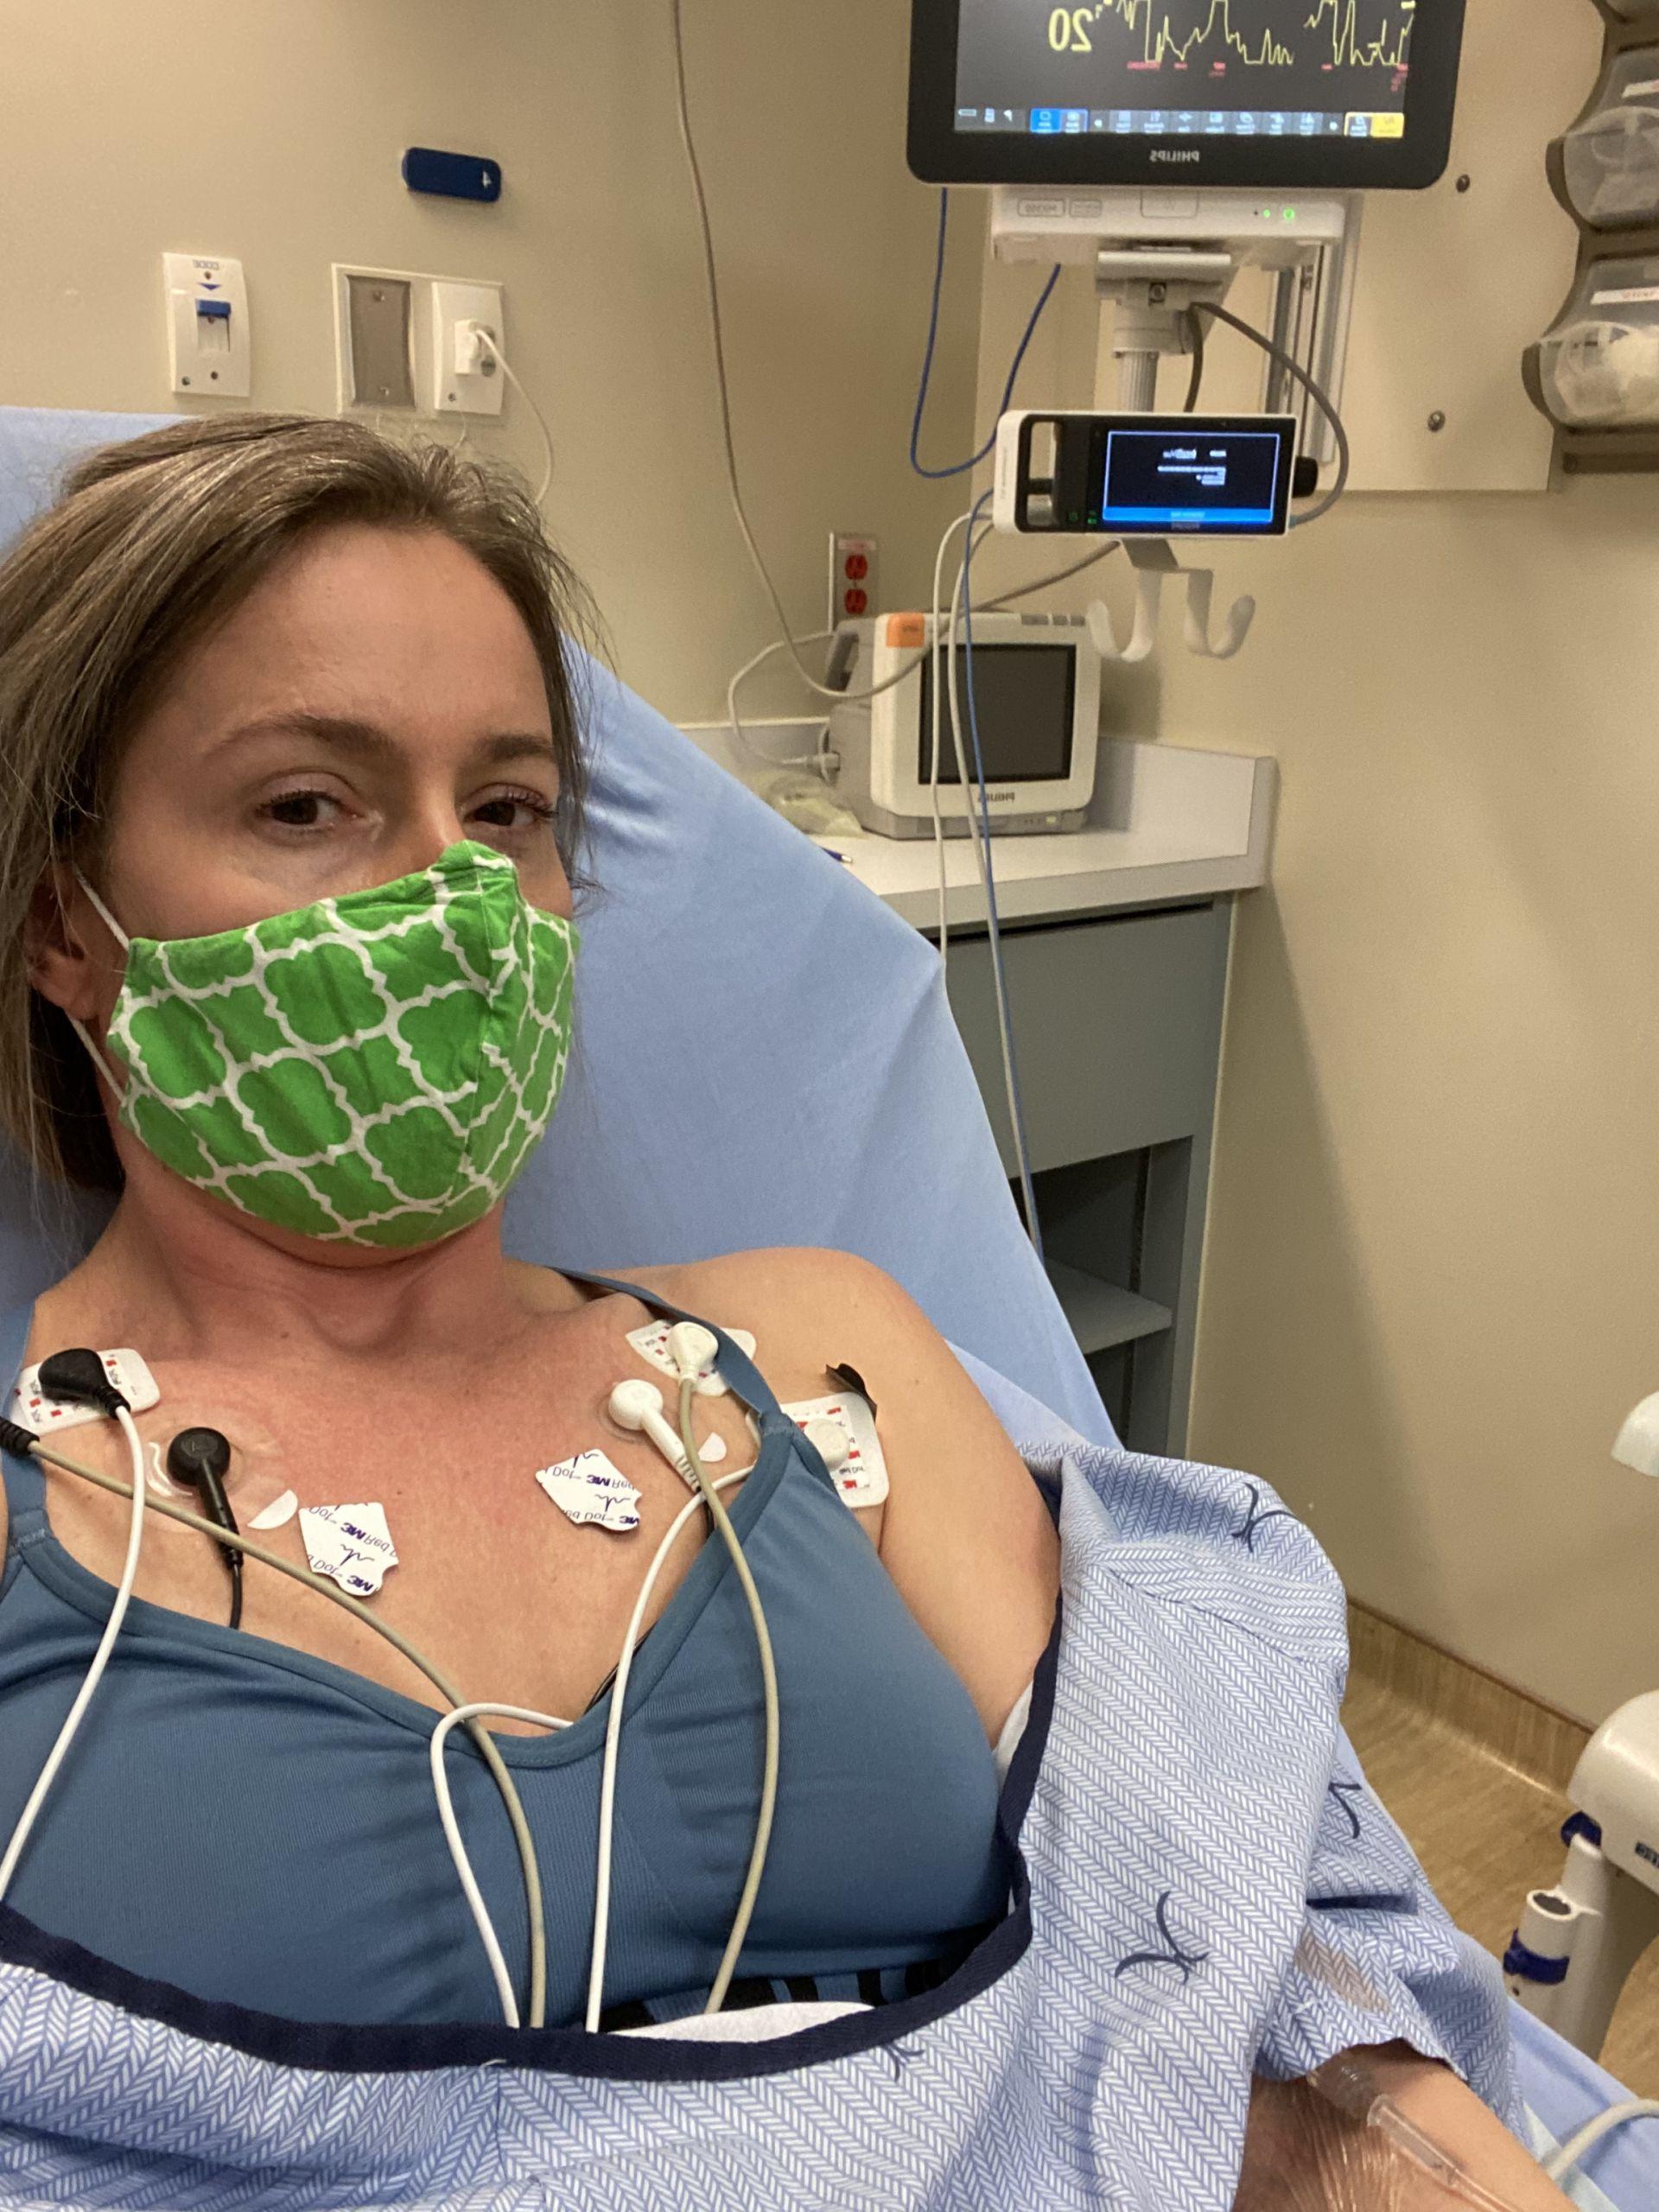 trina-icd-surgery-cardiac-arrhythmia